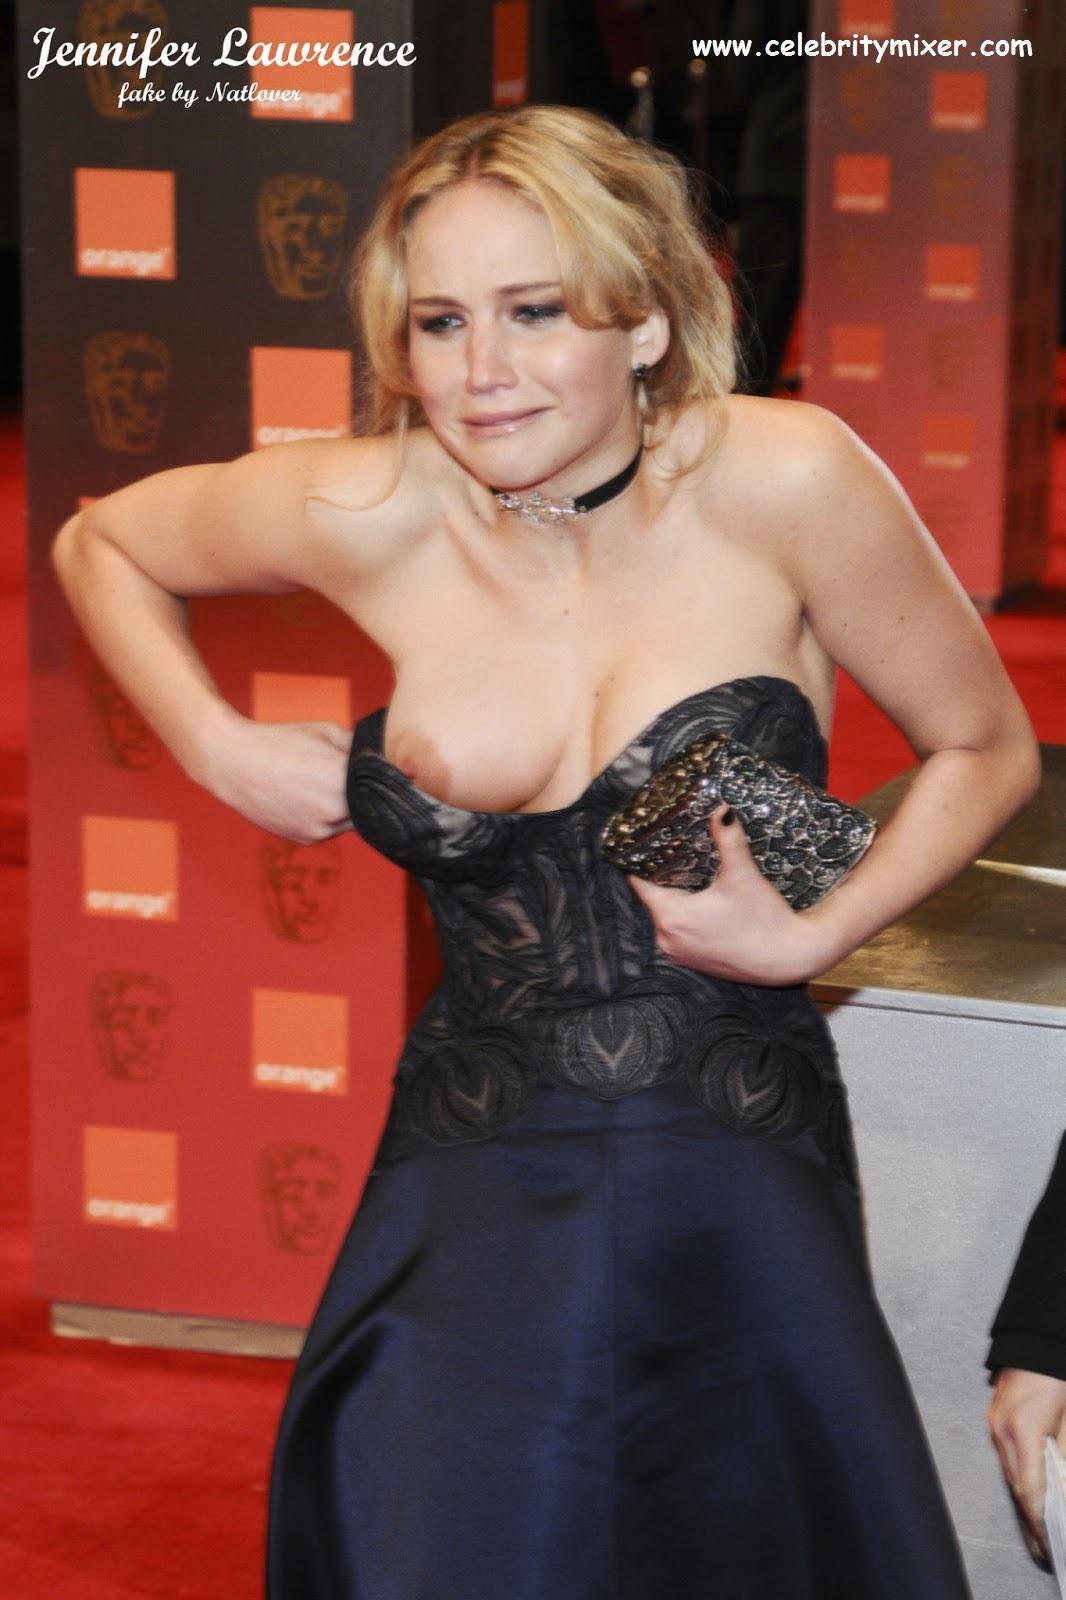 Jennifer-Lawrence-nude-oops-wardrobe-malfunction